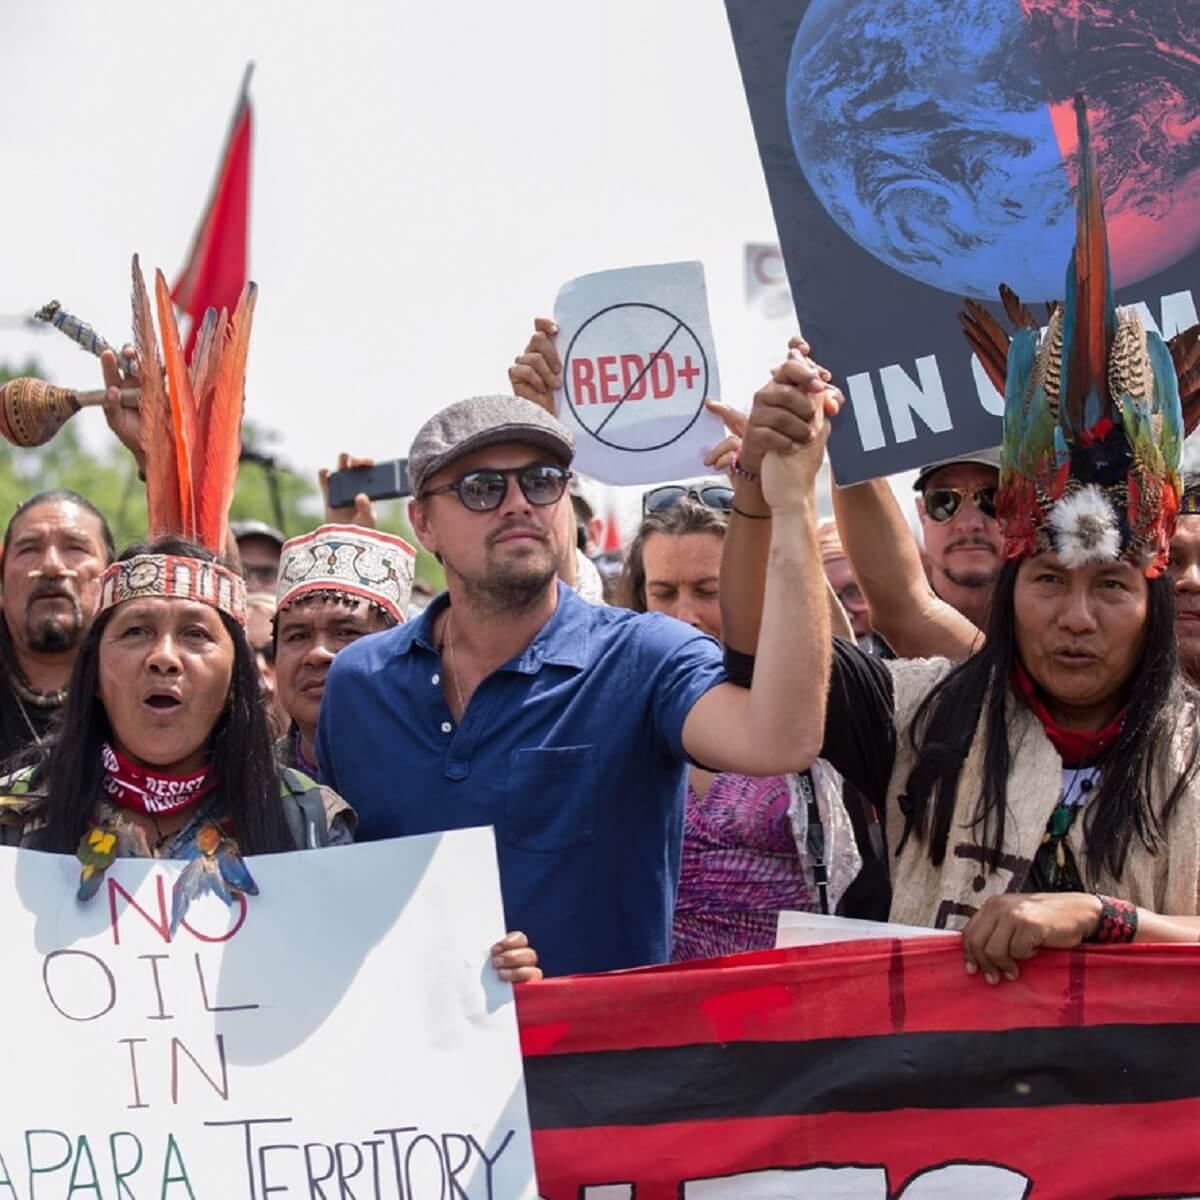 xLeo marcha.jpg.pagespeed.ic .0c mRDQHnI - Leonardo DiCaprio doa R$ 20 milhões para ajudar a combater incêndios na Amazônia